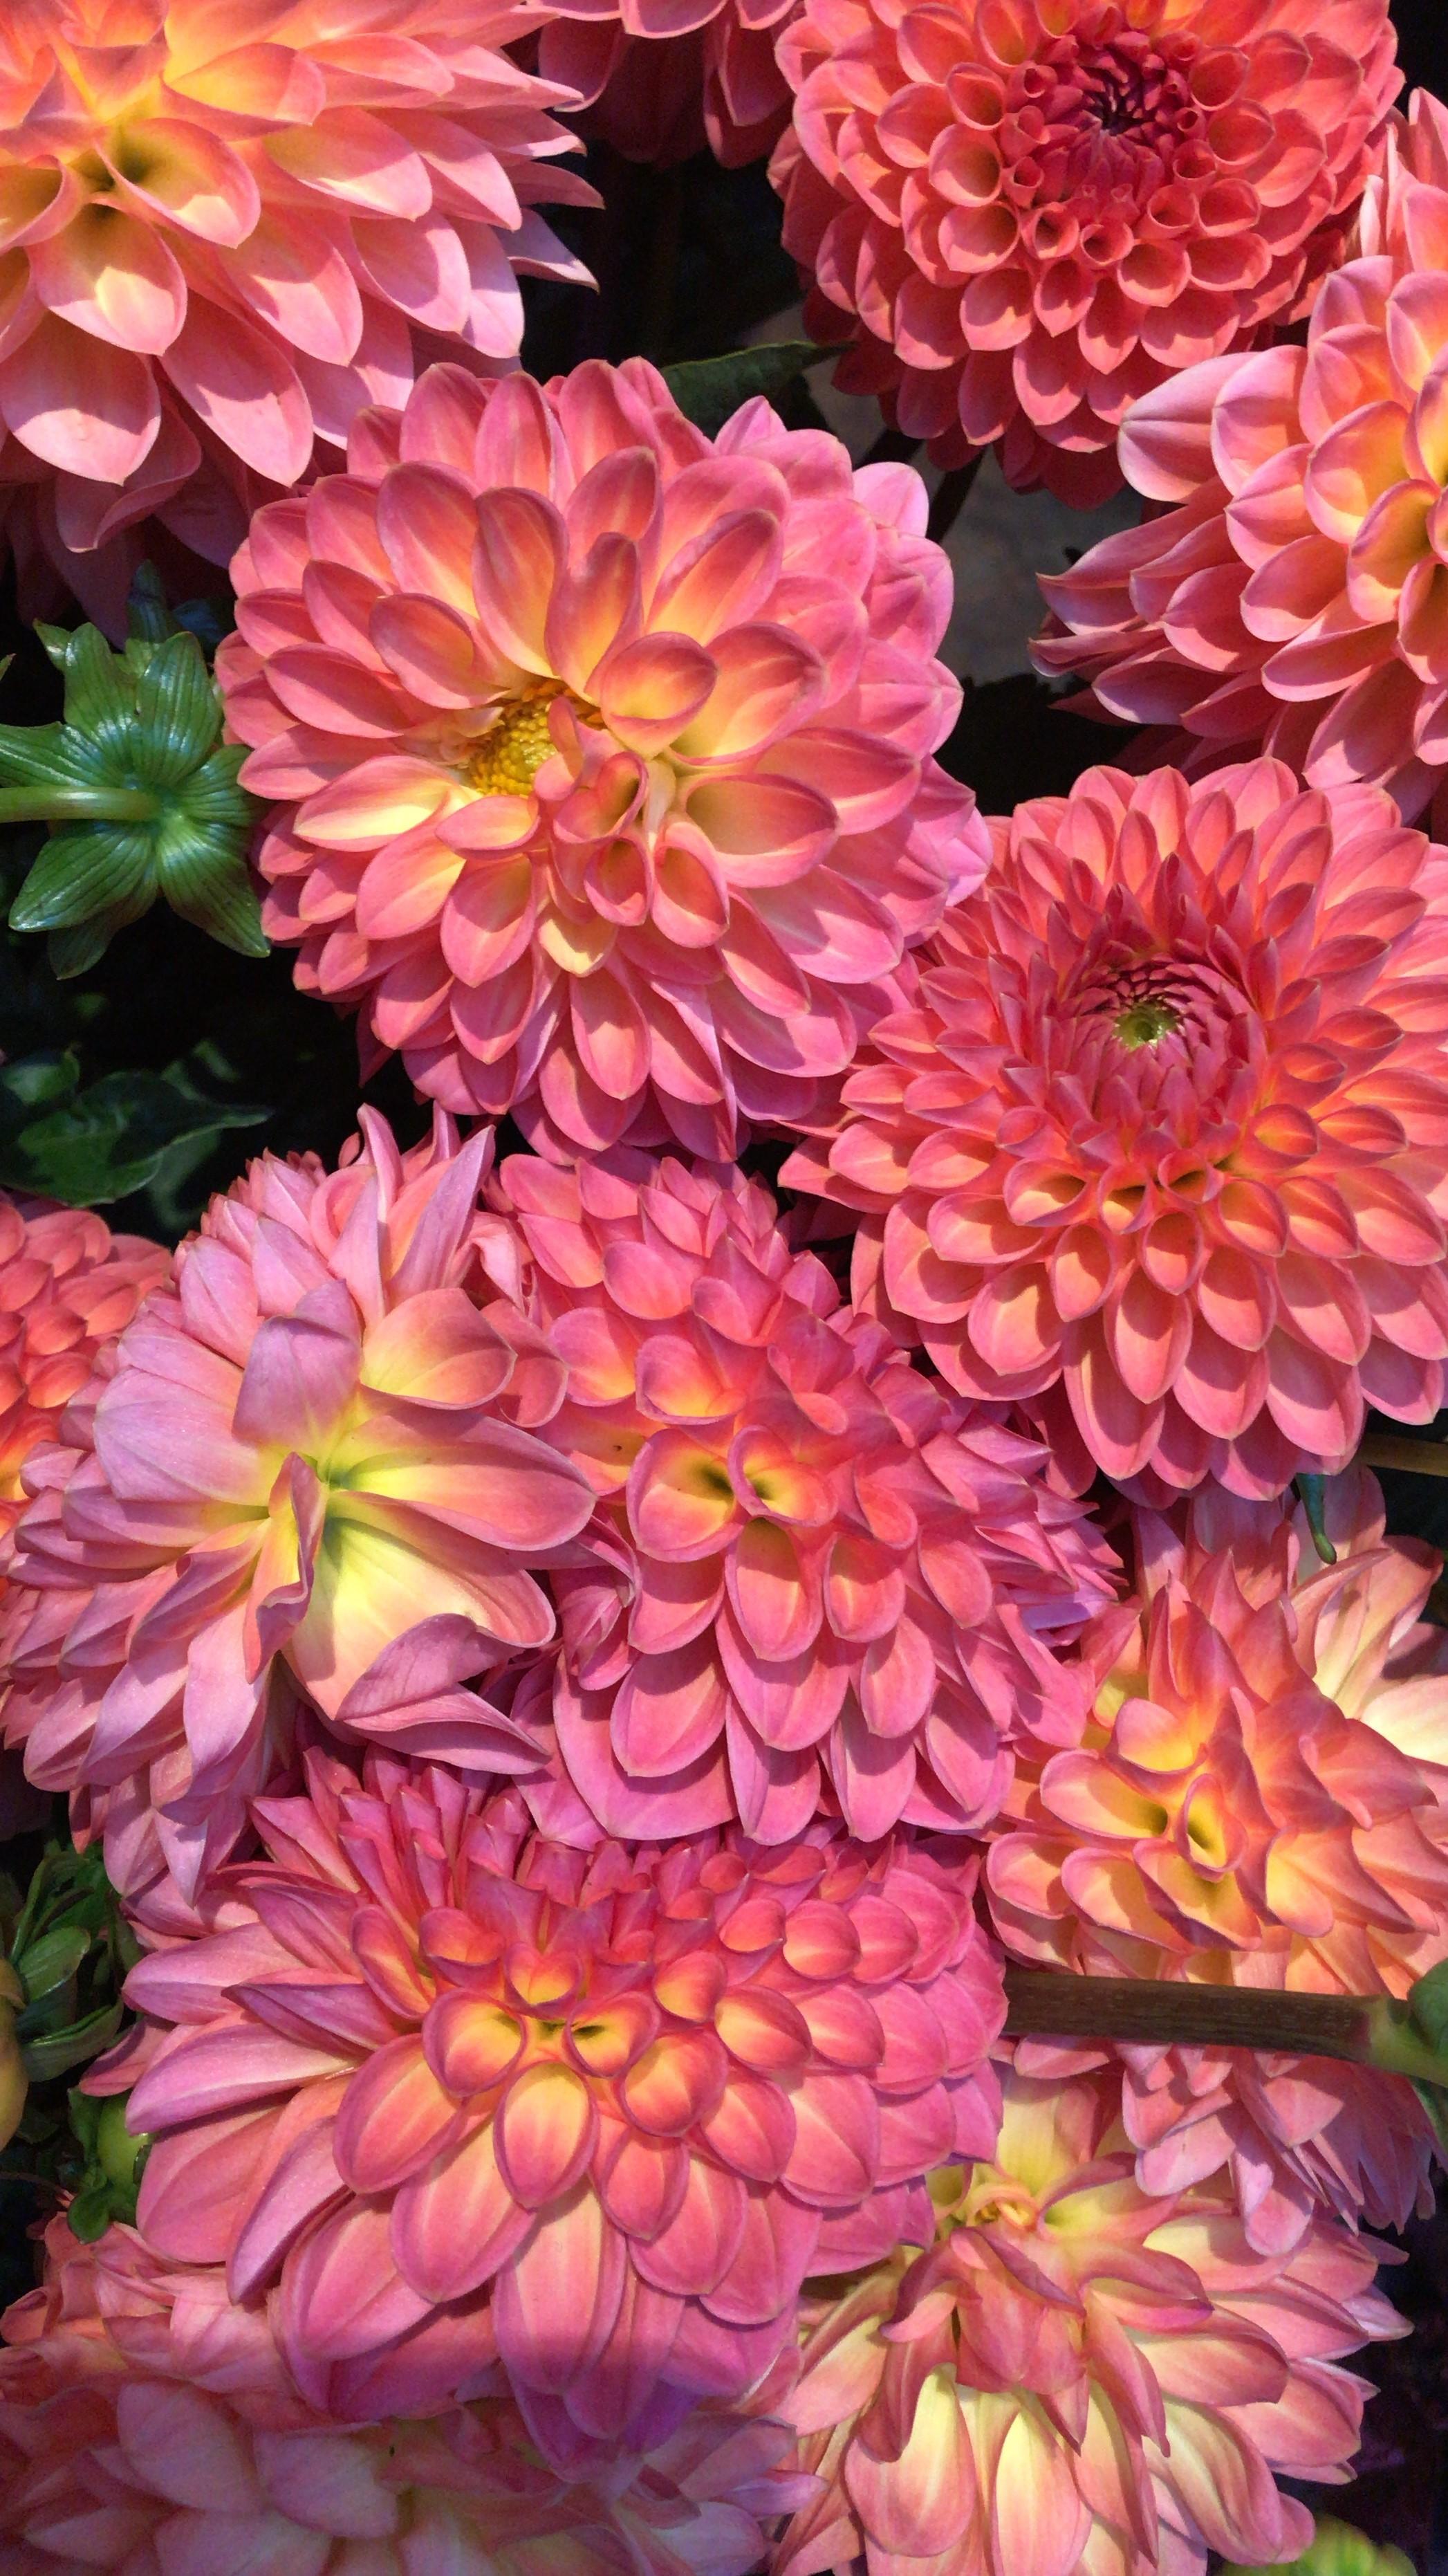 paris-flower-shop-dahlia.jpg